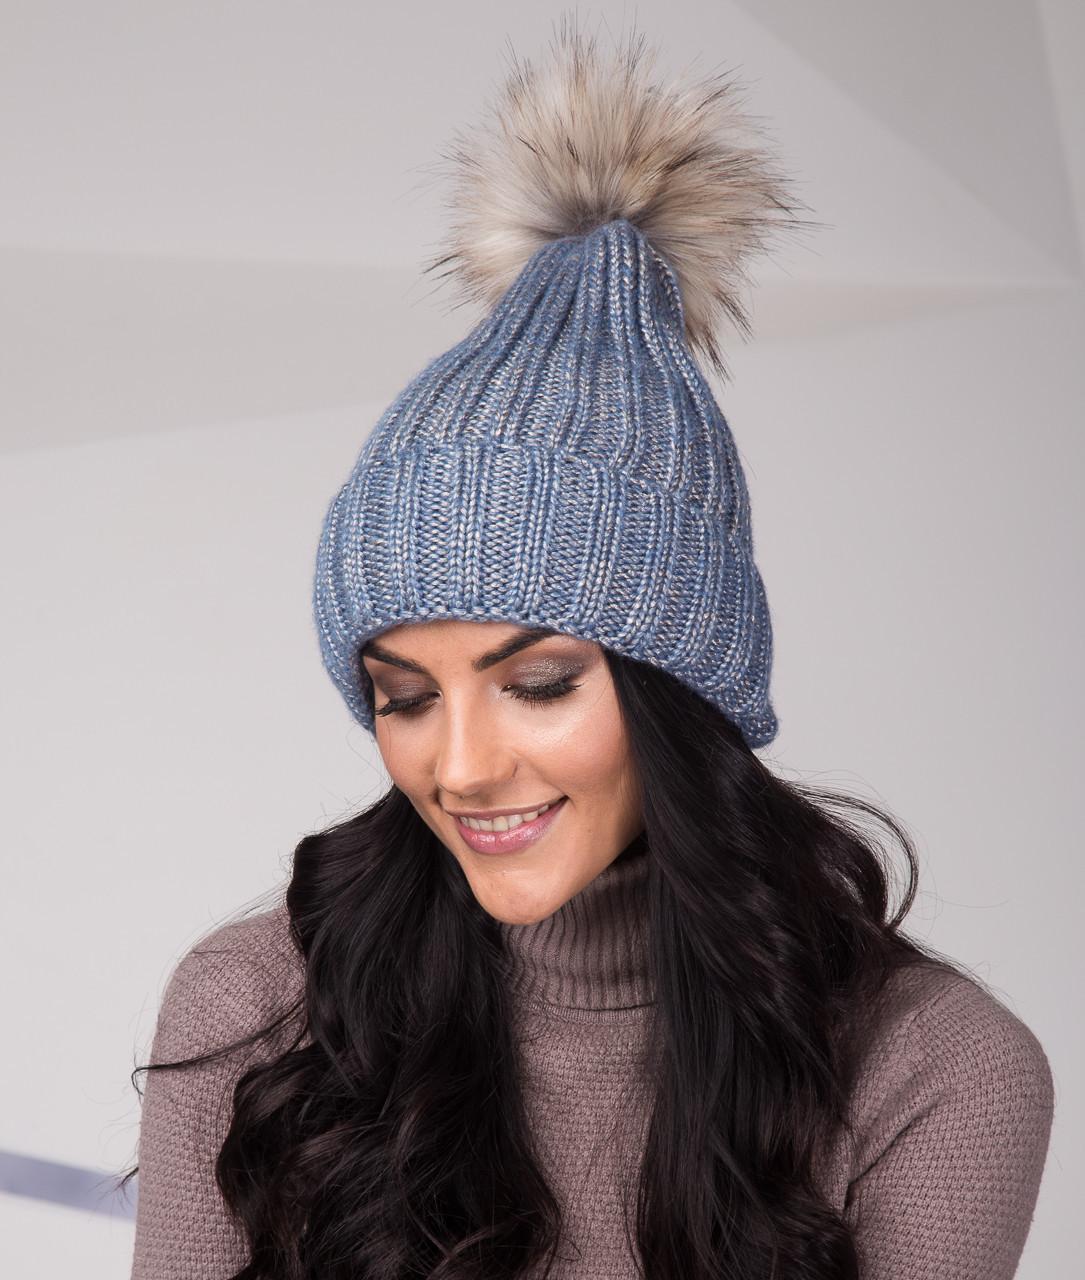 Топовая женская шапка из крупной вязки с помпоном - Арт top-1-2 (голубой)